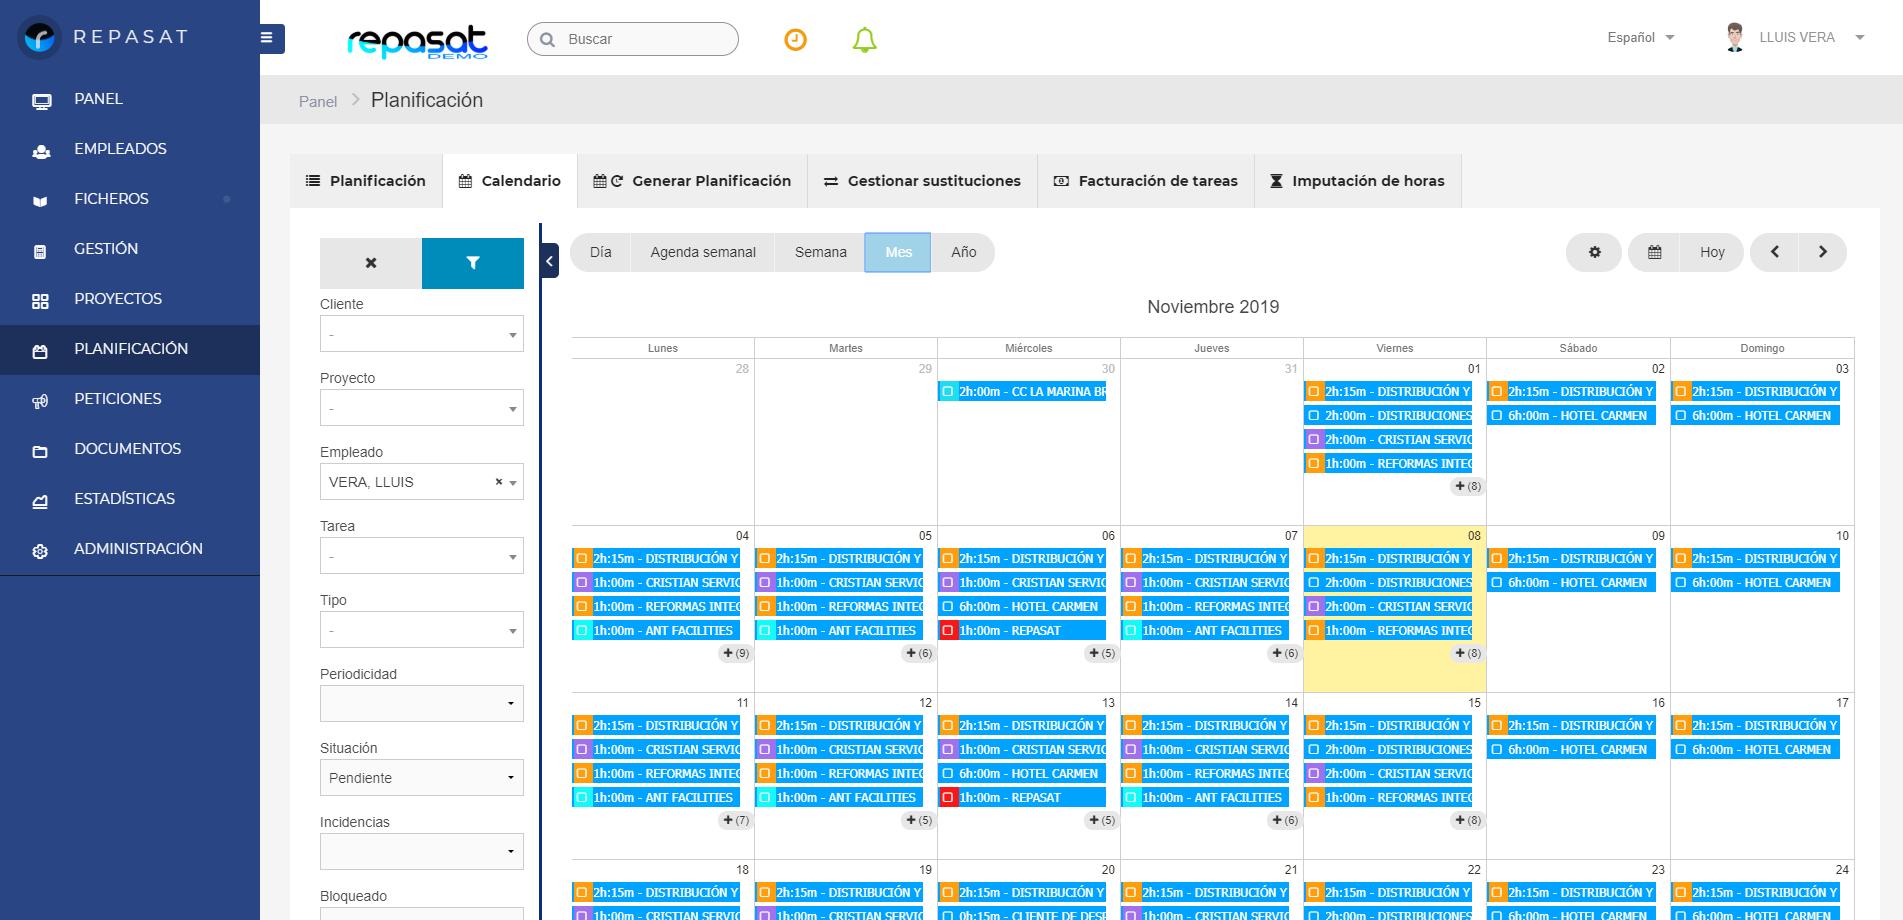 Repasat-Agentes Comerciales-Acciones comerciales Calendario